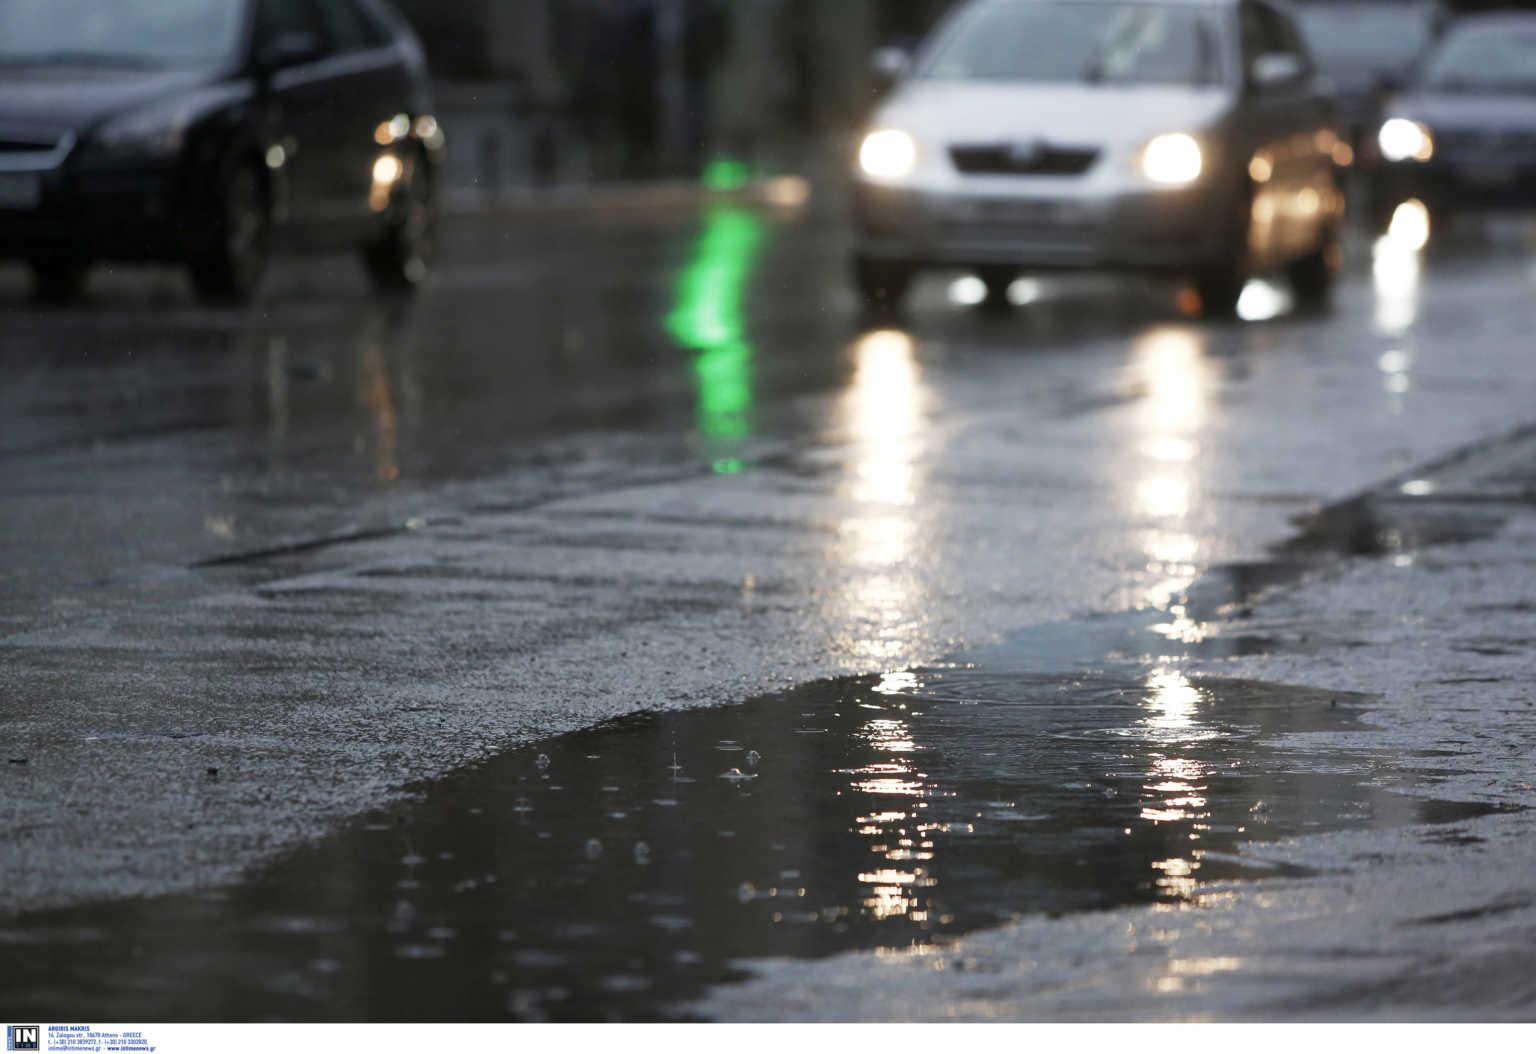 Καιρός σήμερα: Έρχονται βροχές και καταιγίδες – Σε ποιες περιοχές θα χτυπήσει η κακοκαιρία